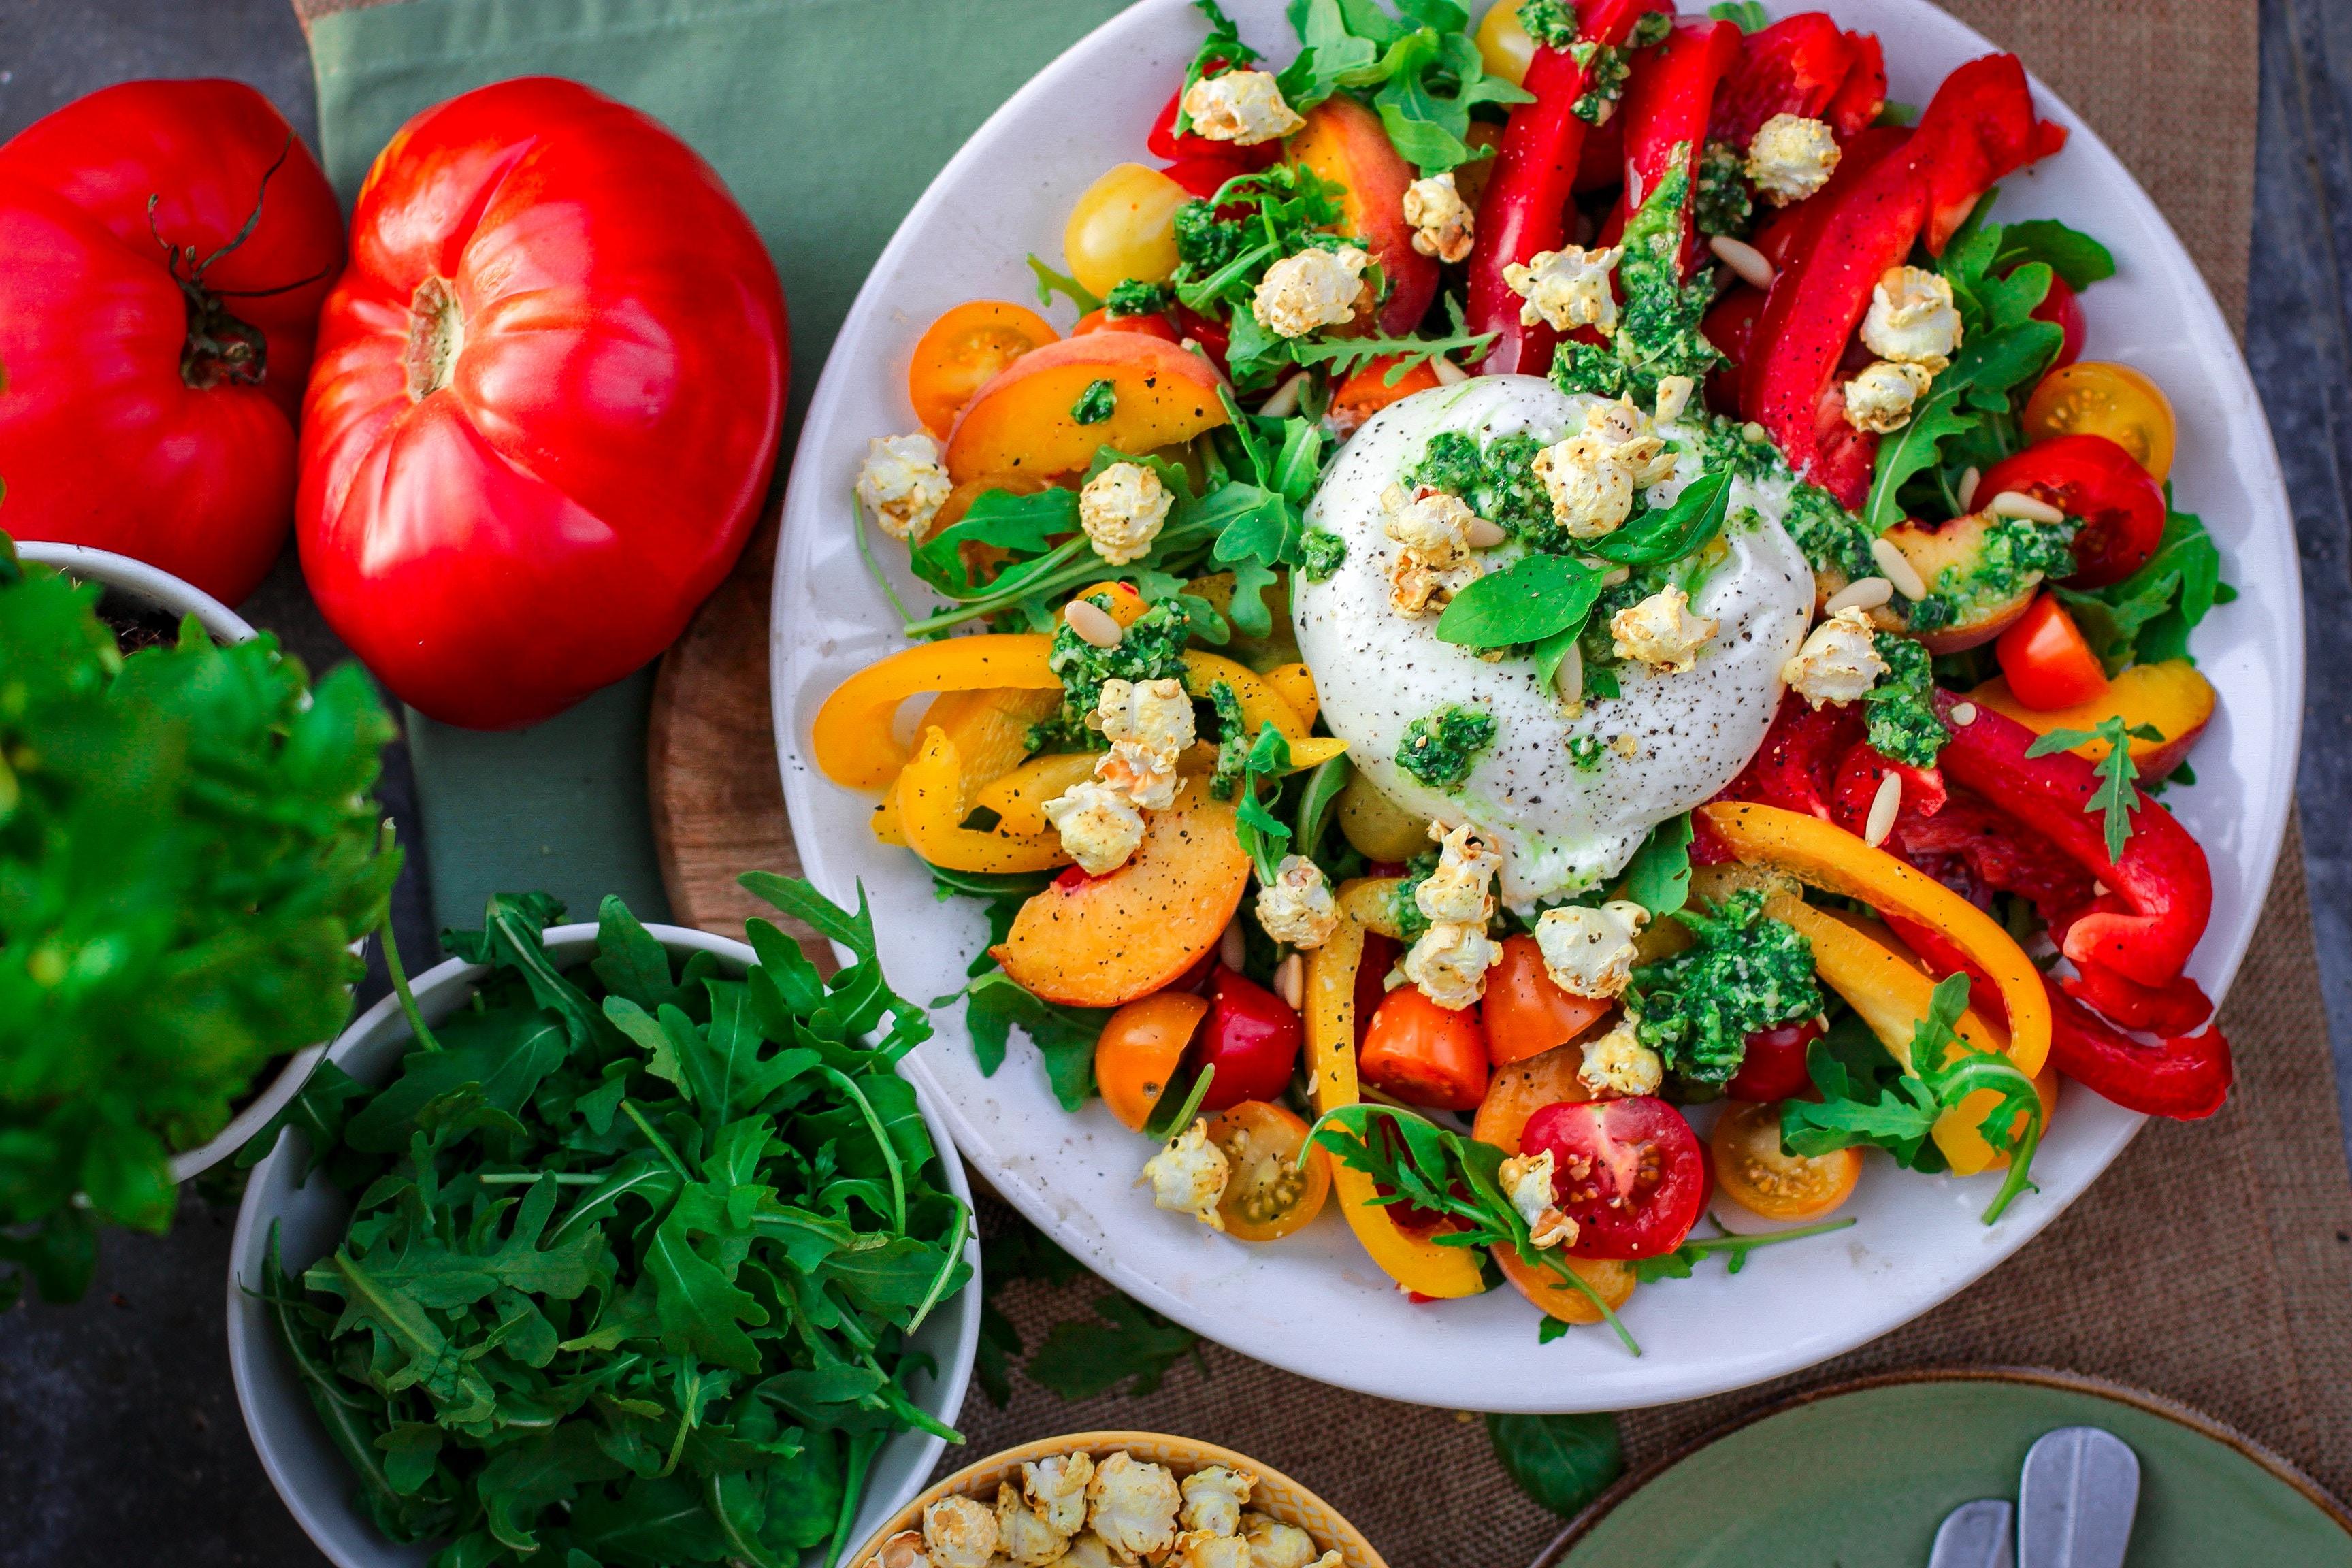 La dieta que nos ayudará a salvar el planeta